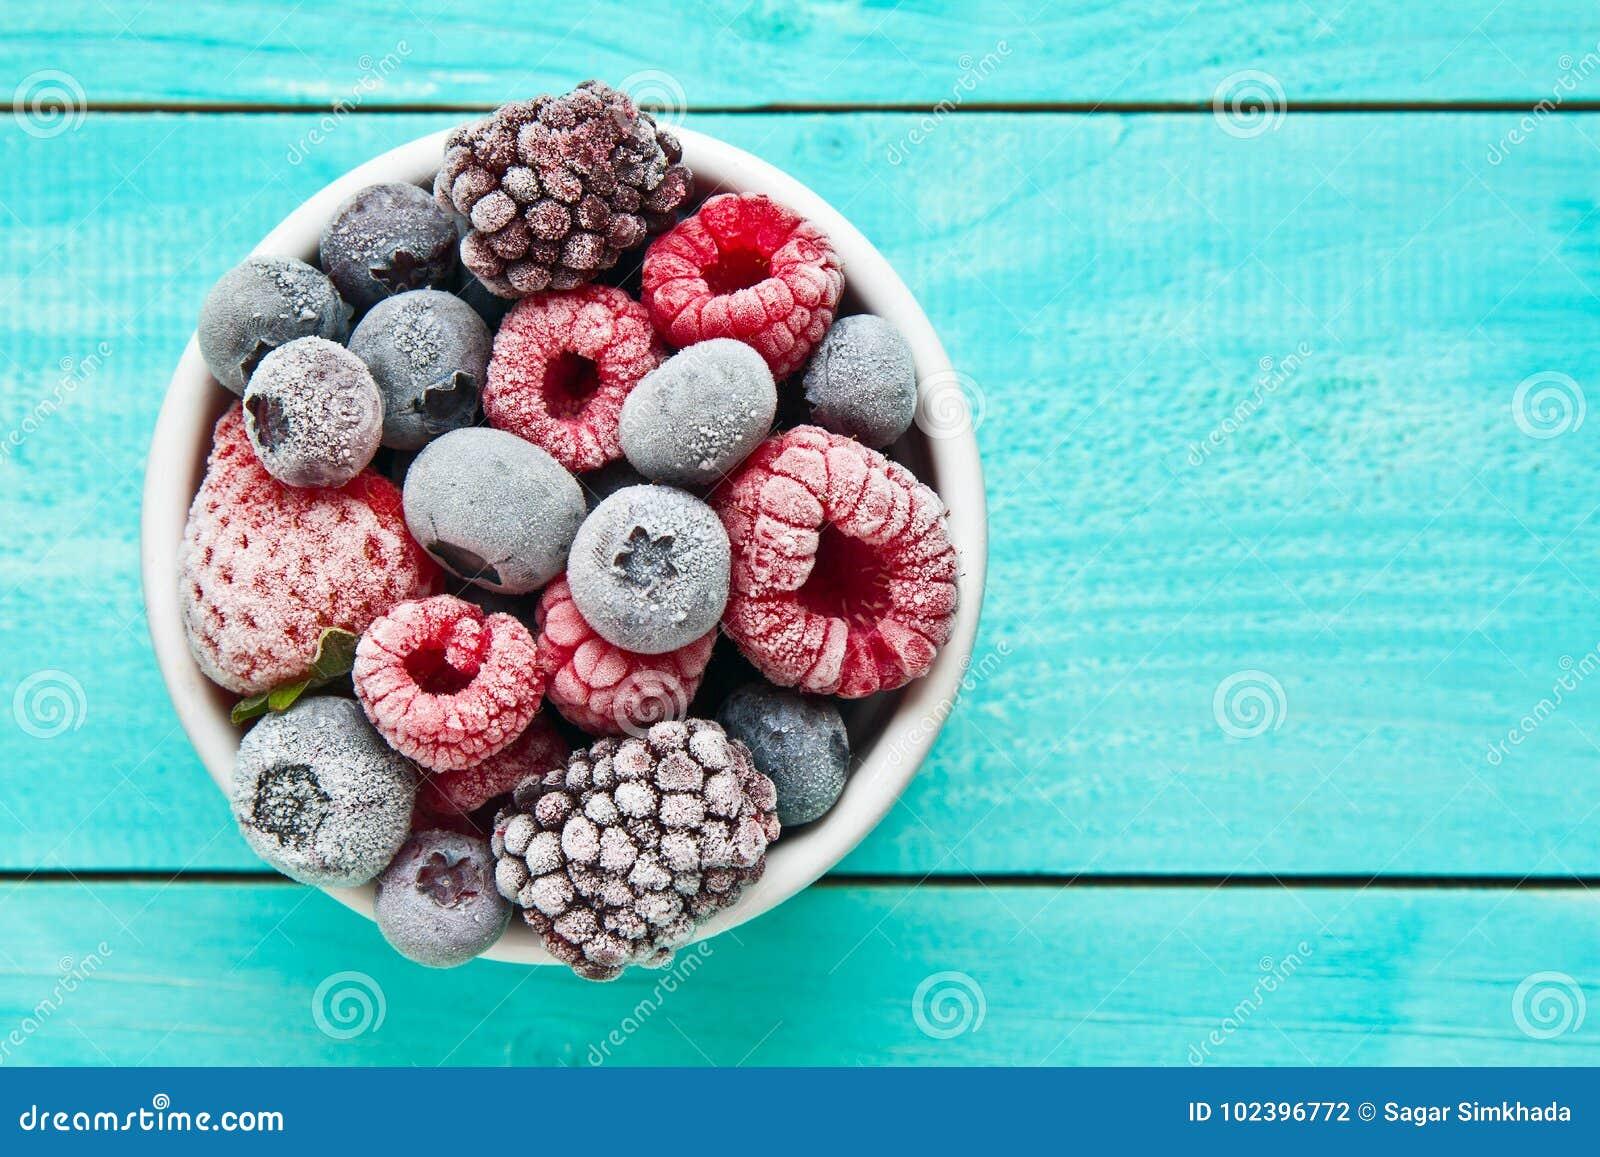 Bowl of frozen berries. Frozen berries